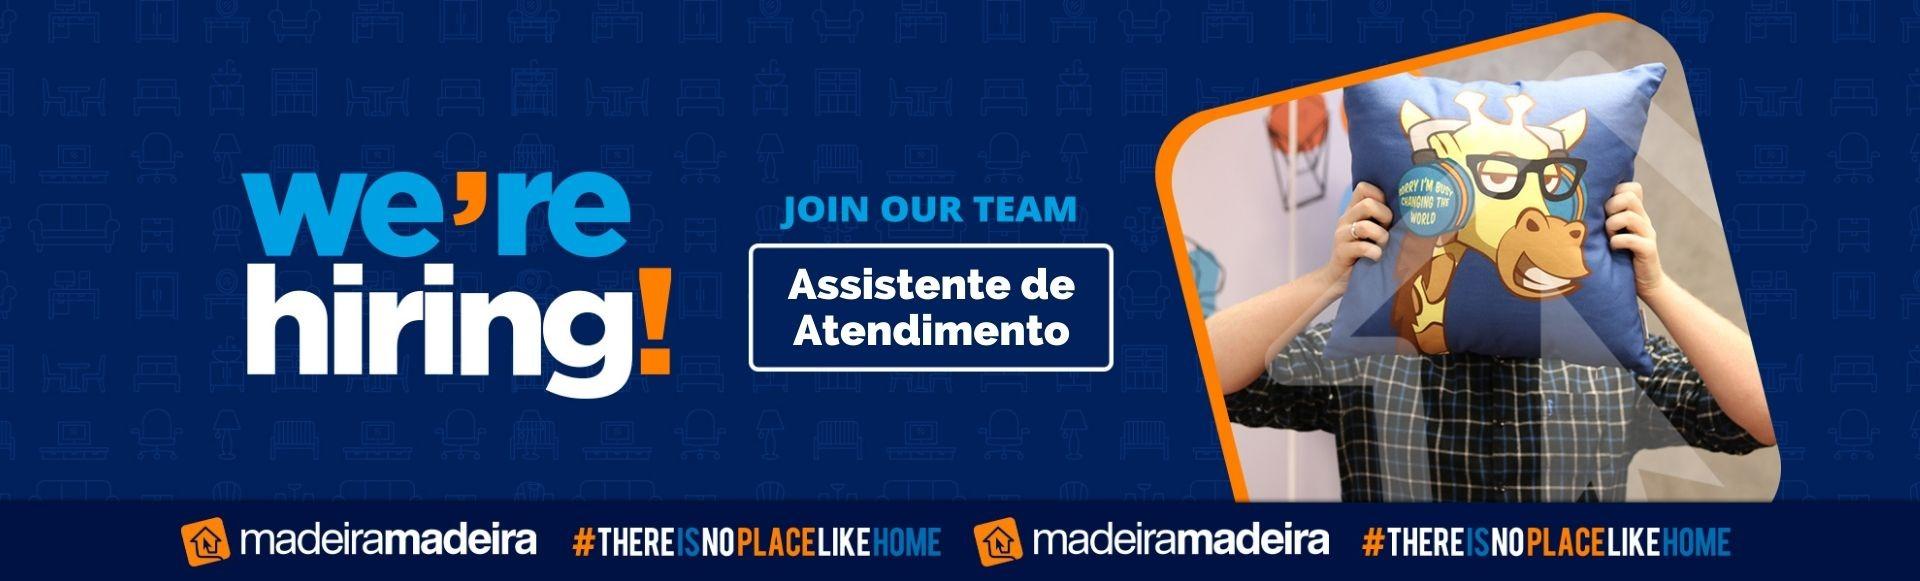 Assistente de Atendimento - Temporário (Curitiba-PR)